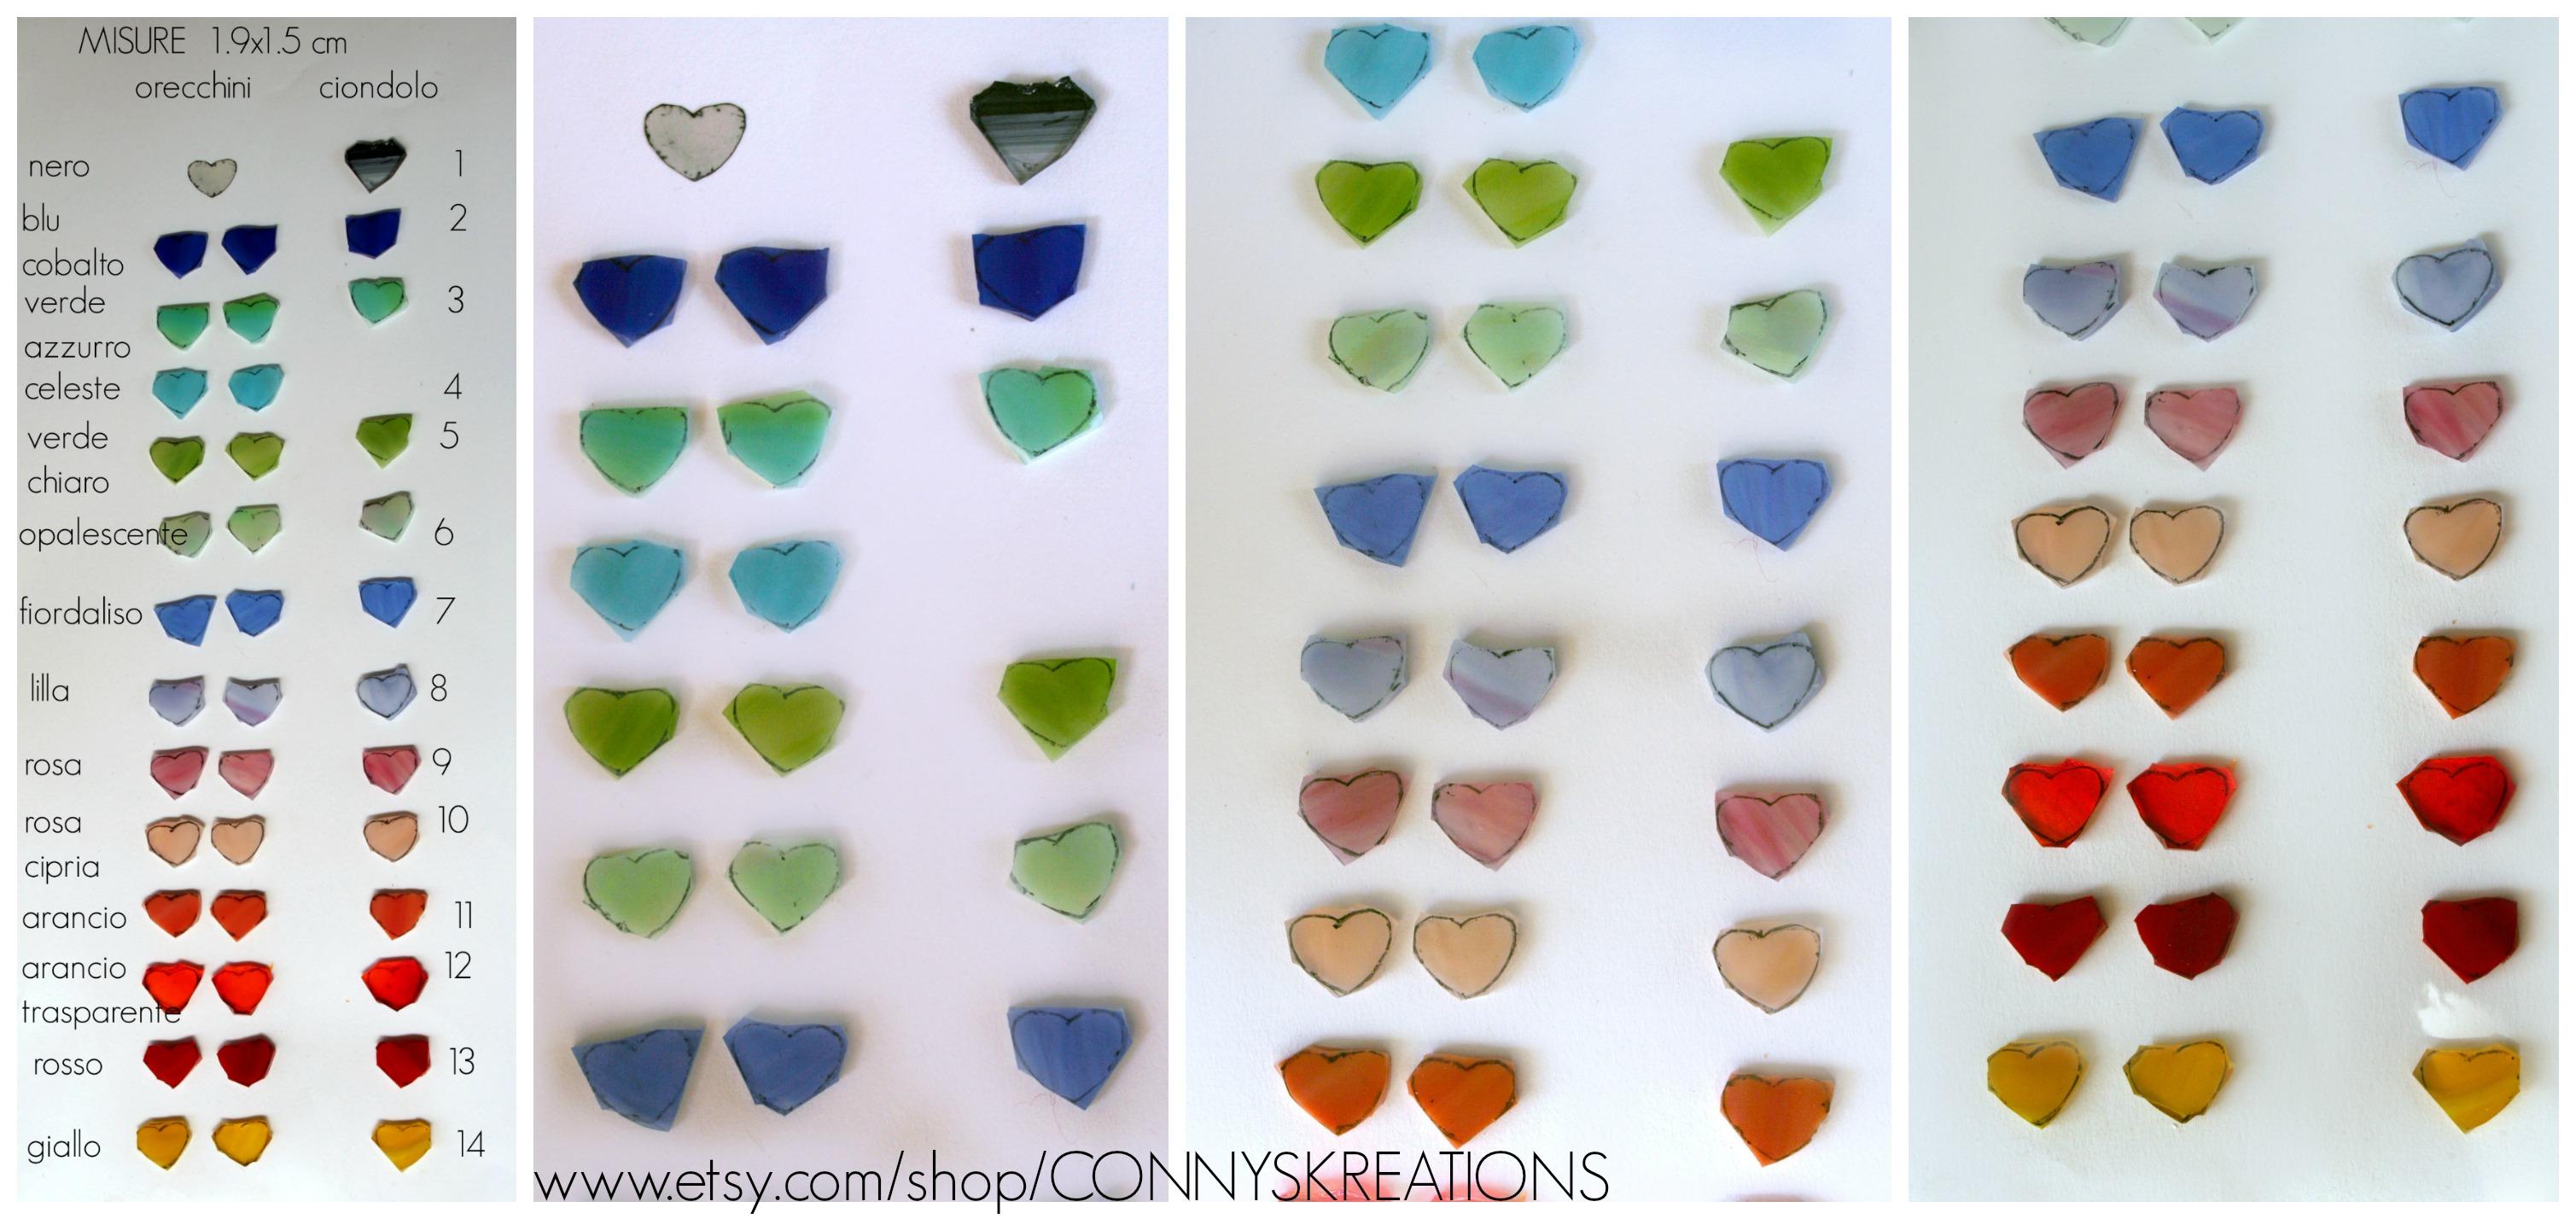 Tabella colori cuori.link